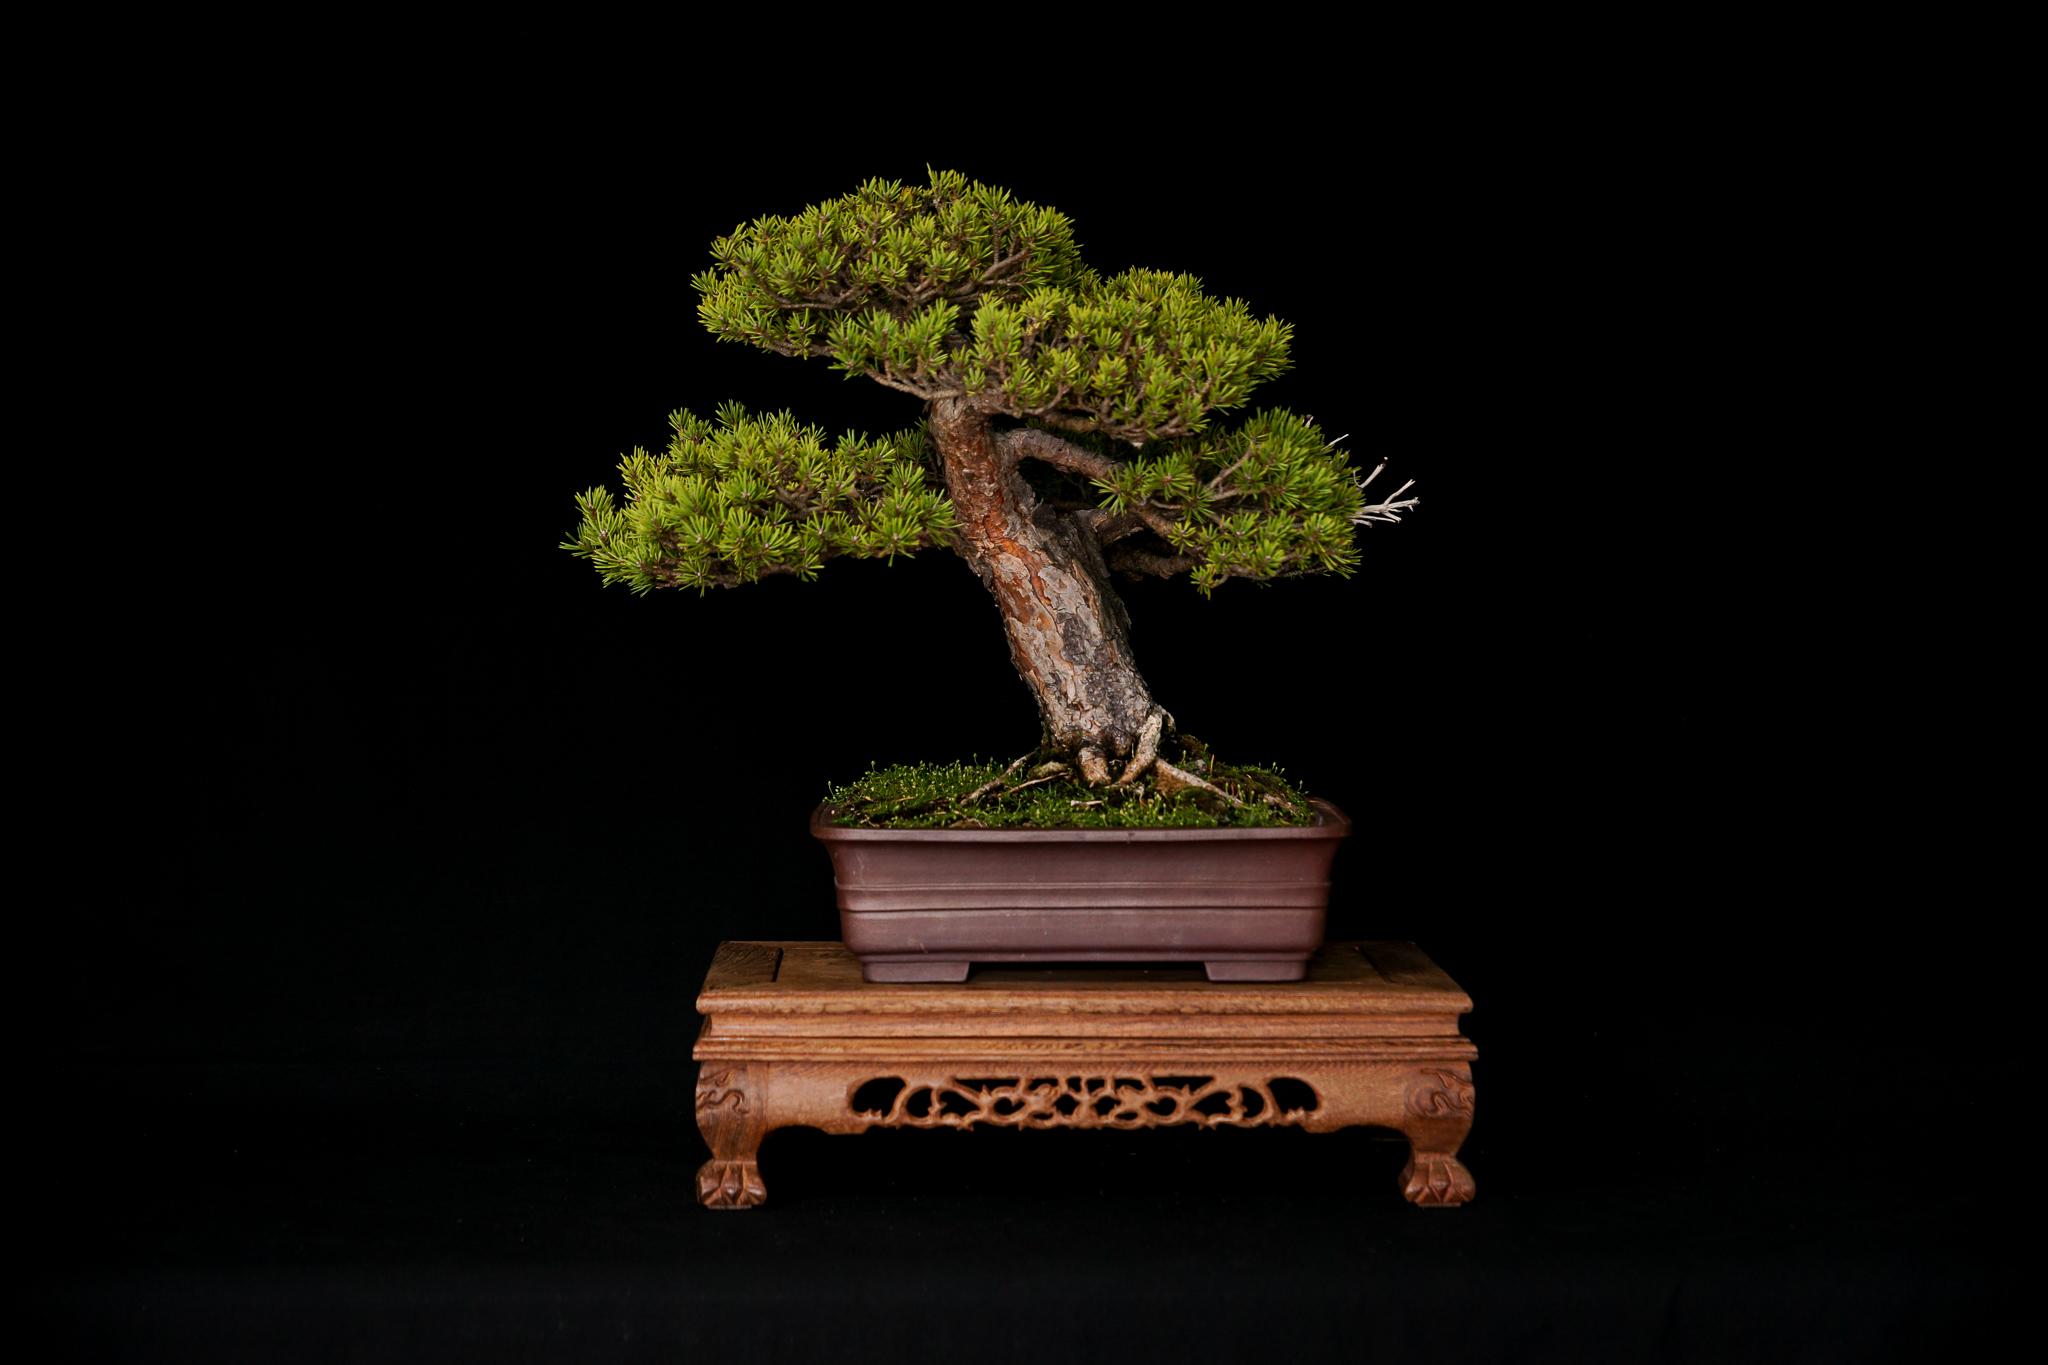 Dwarf Scots Pine